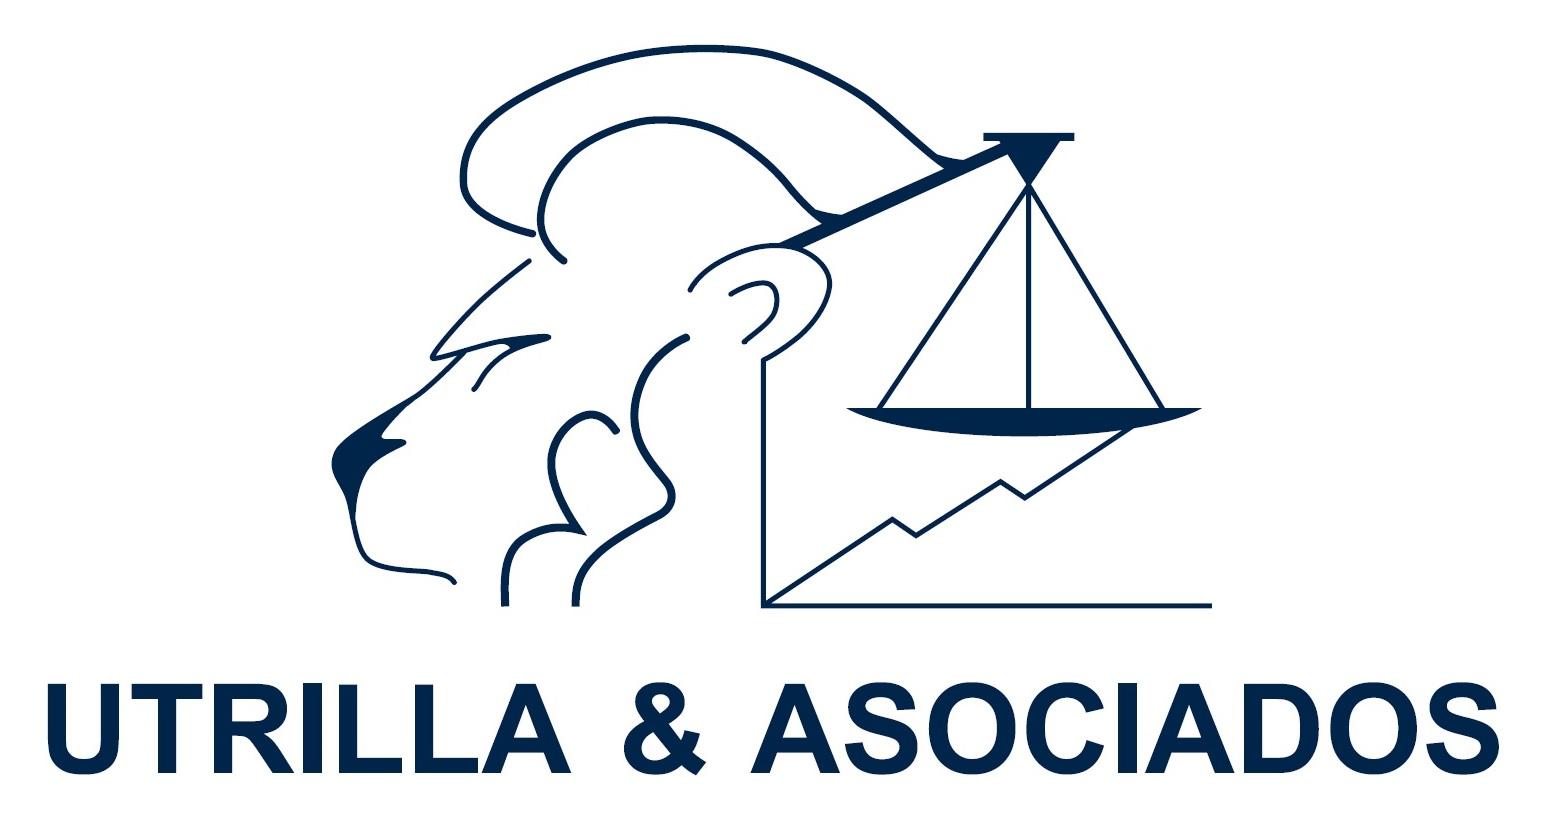 UTRILLA & ASOCIADOS